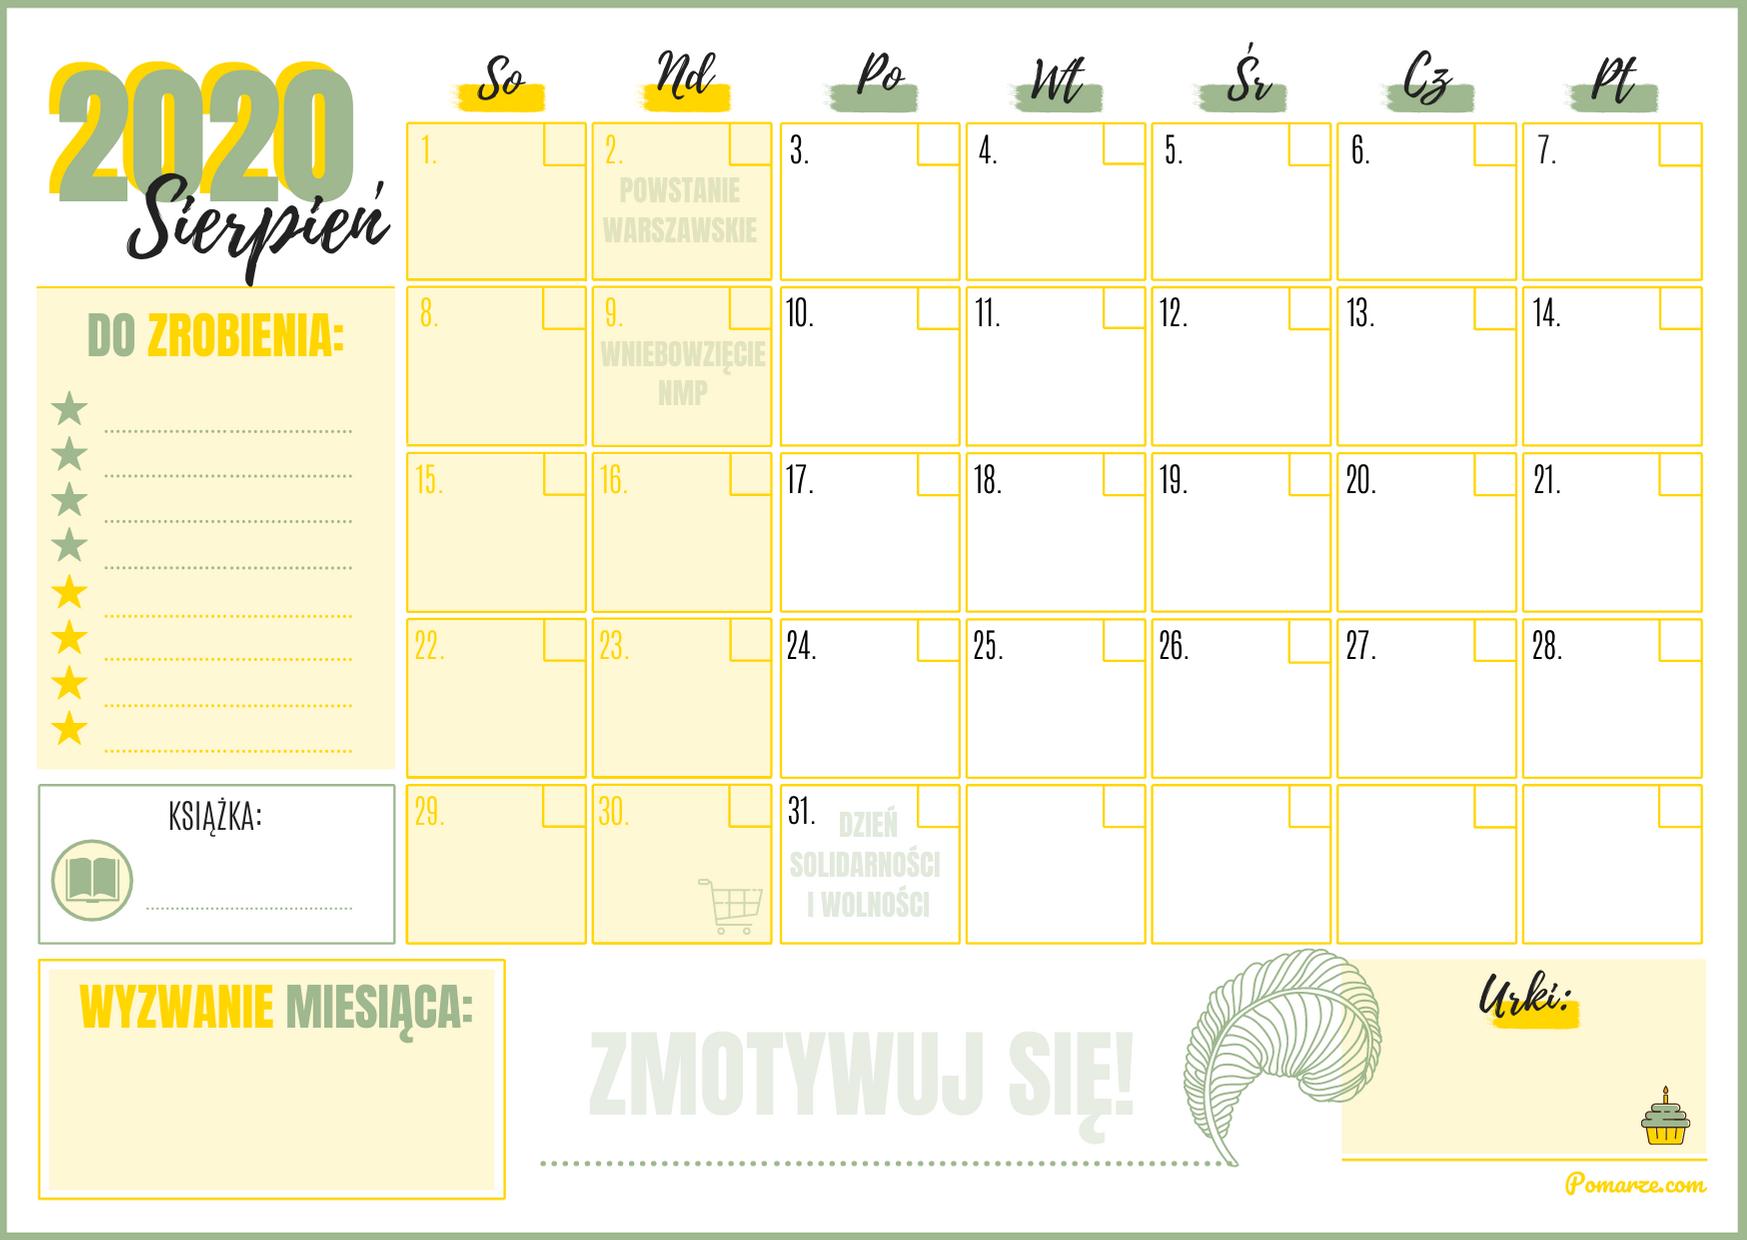 Kalendarz miesieczny planer Sierpień 2020 święta niedziele handlowe